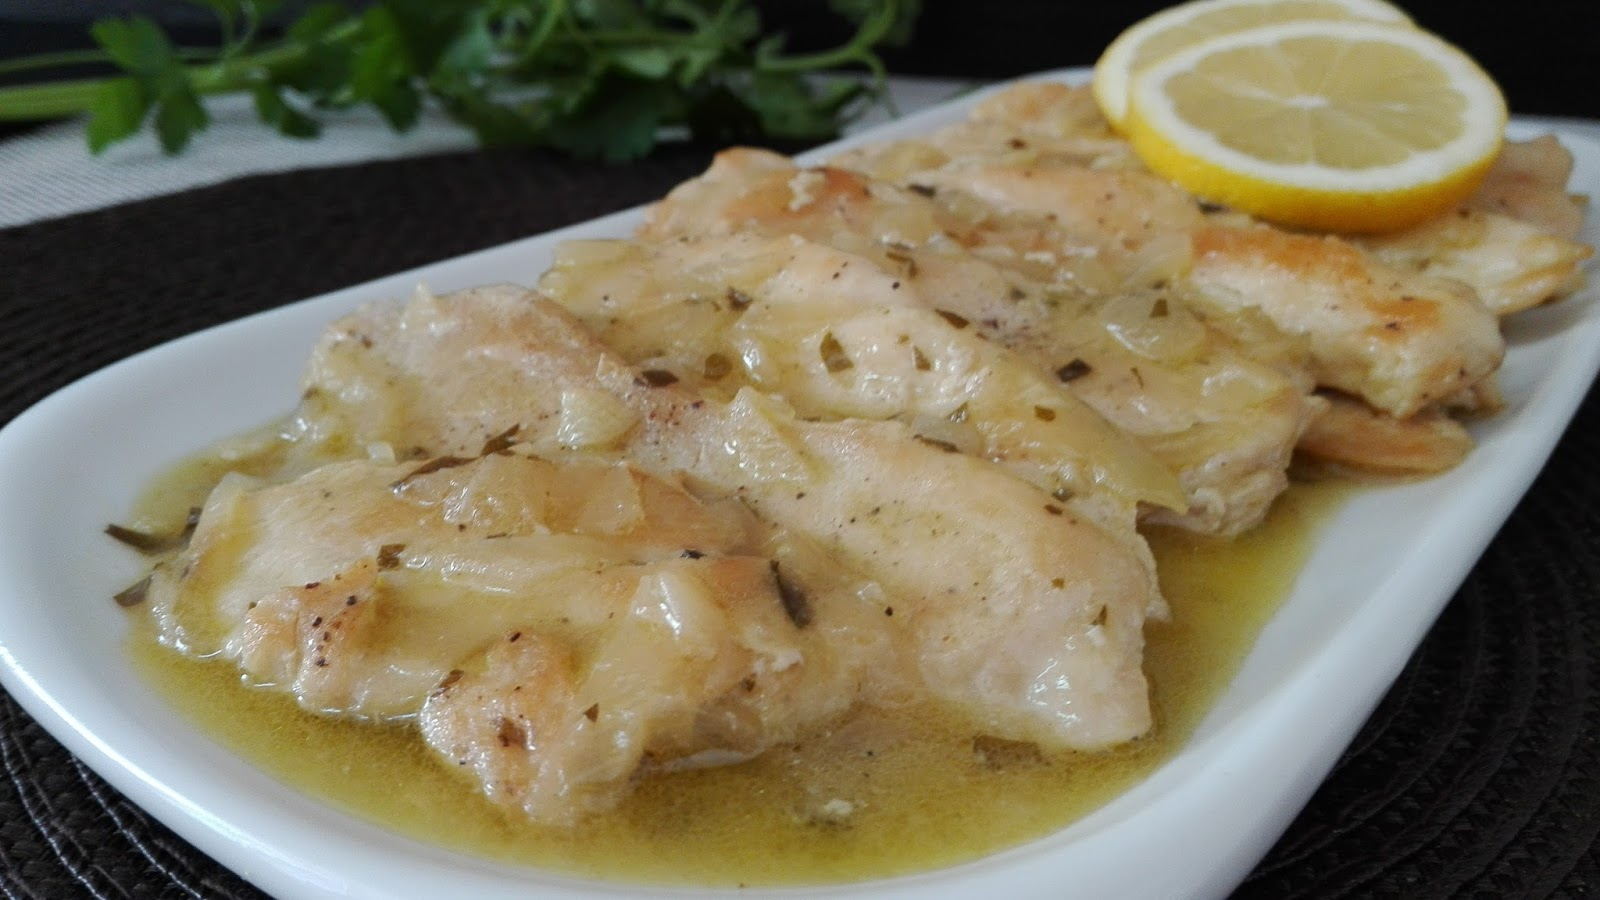 Pechugas de pollo al lim n acomerypunto - Pechugas de pollo al limon ...